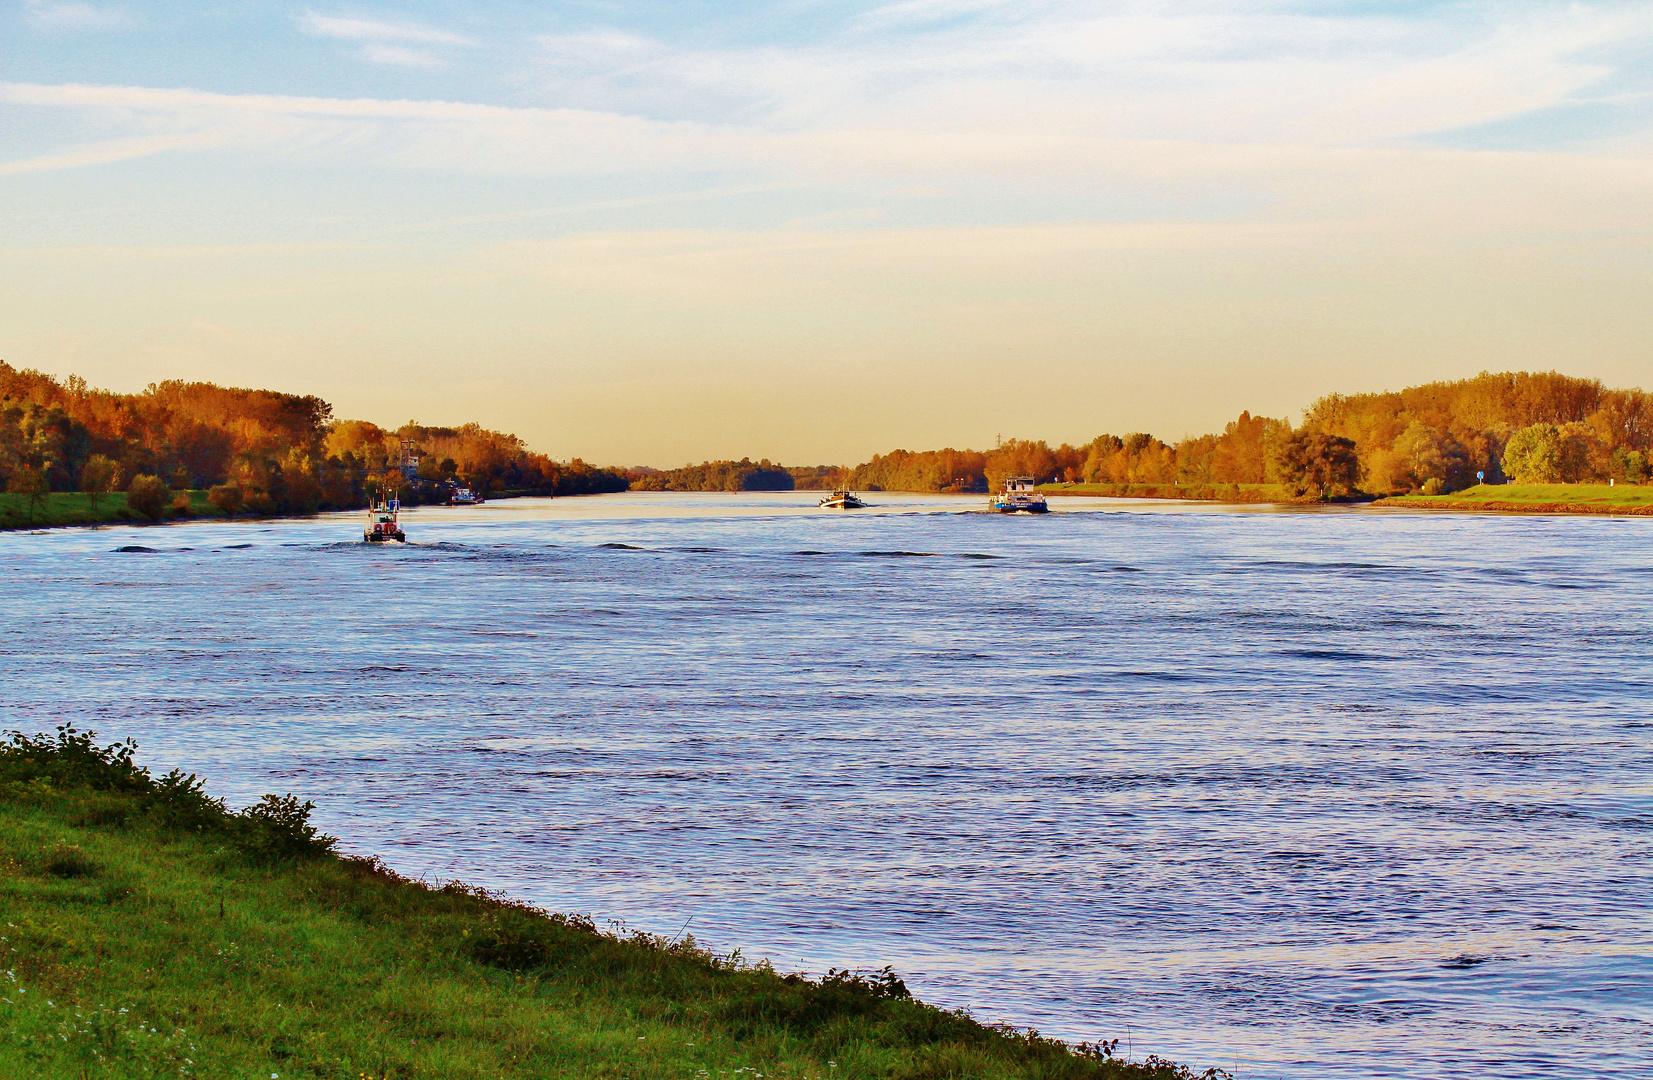 Herbstmorgen am großen Fluss